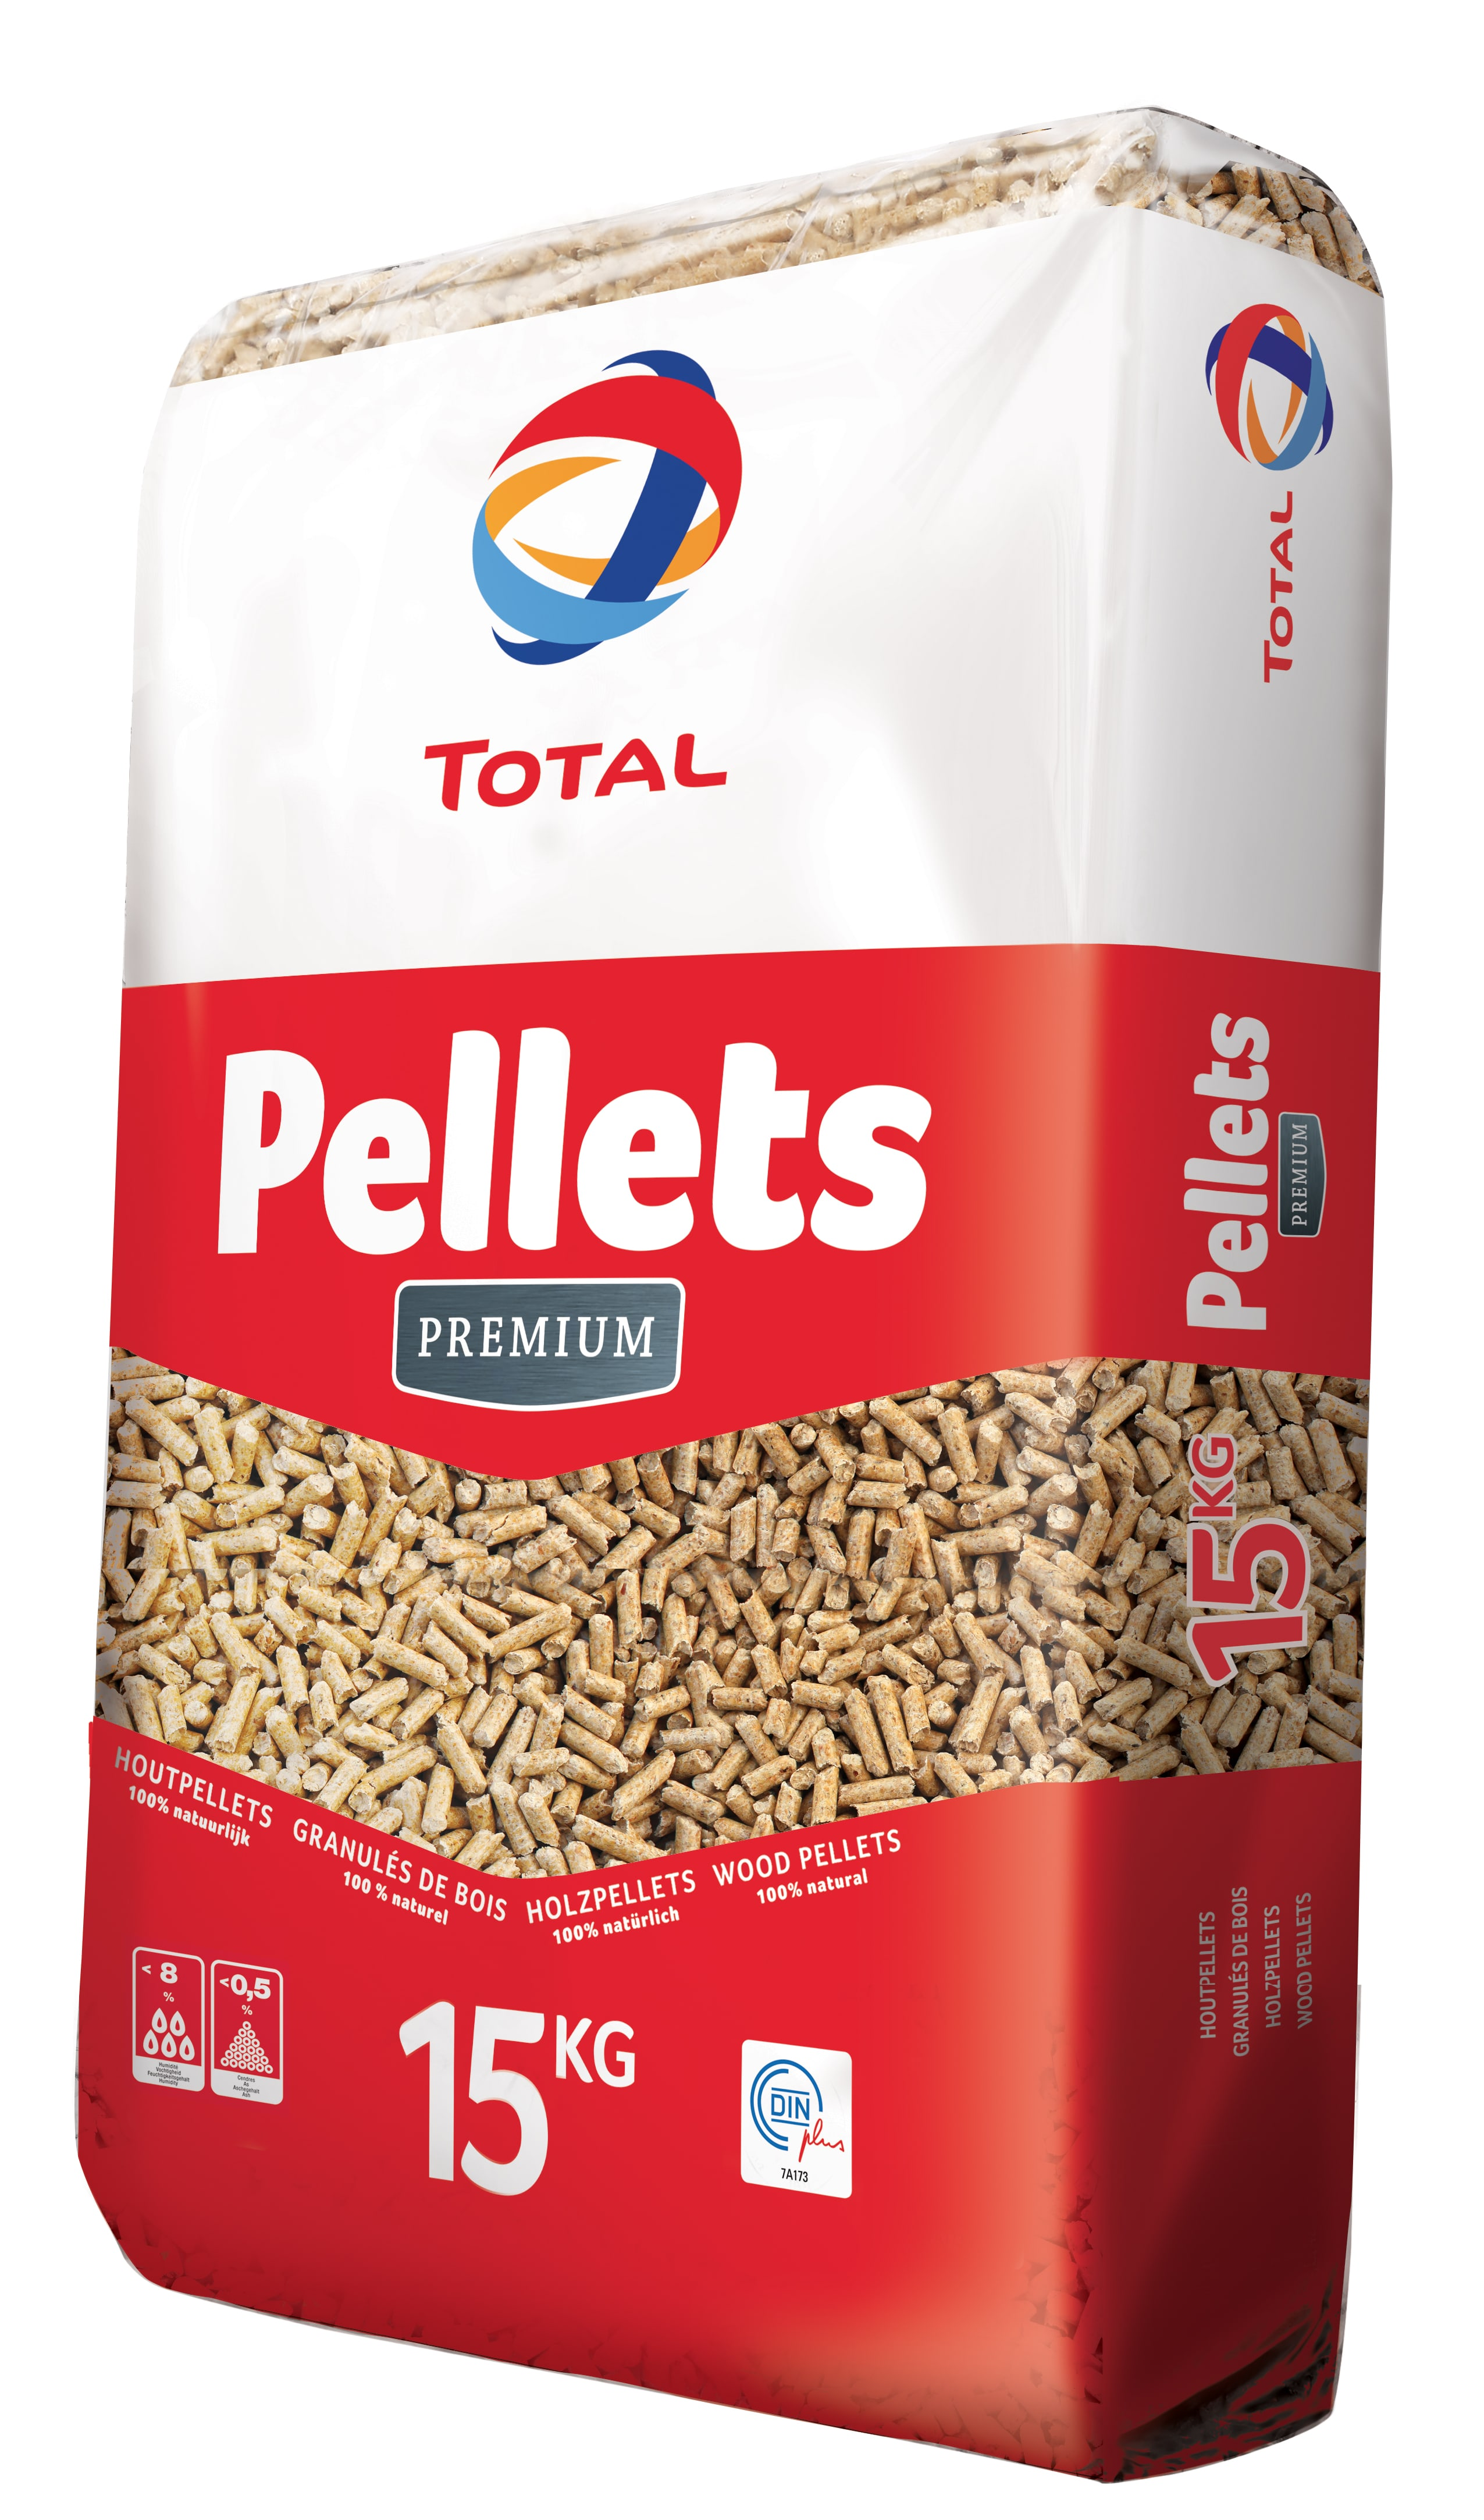 Bien Choisir Granulés De Bois fournisseur de pellets : choisissez total proxi energies